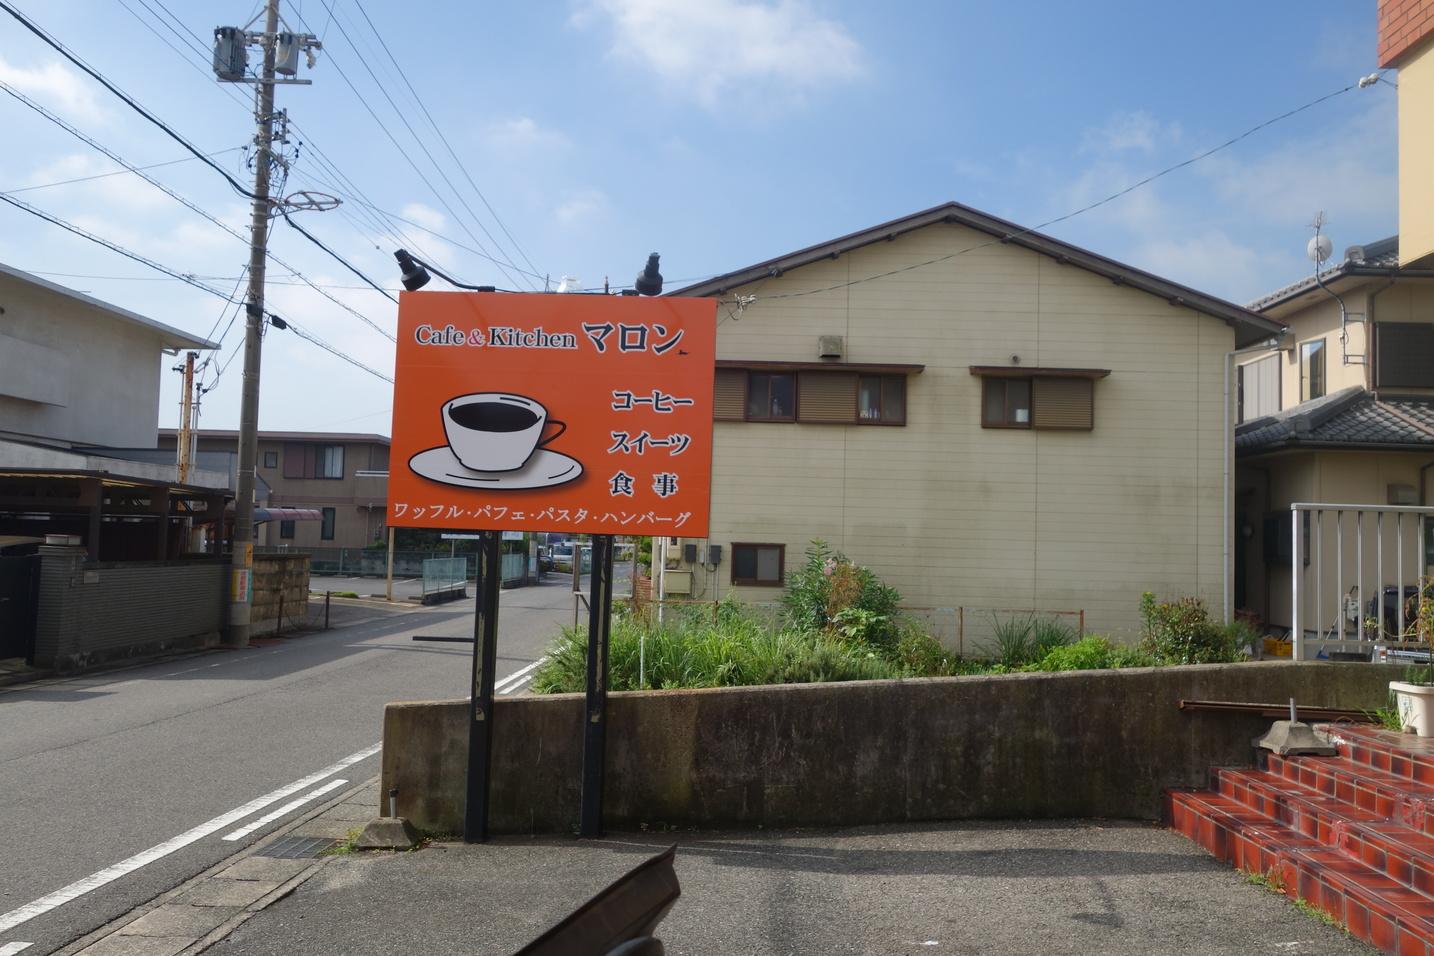 カフェ&キッチン マロン